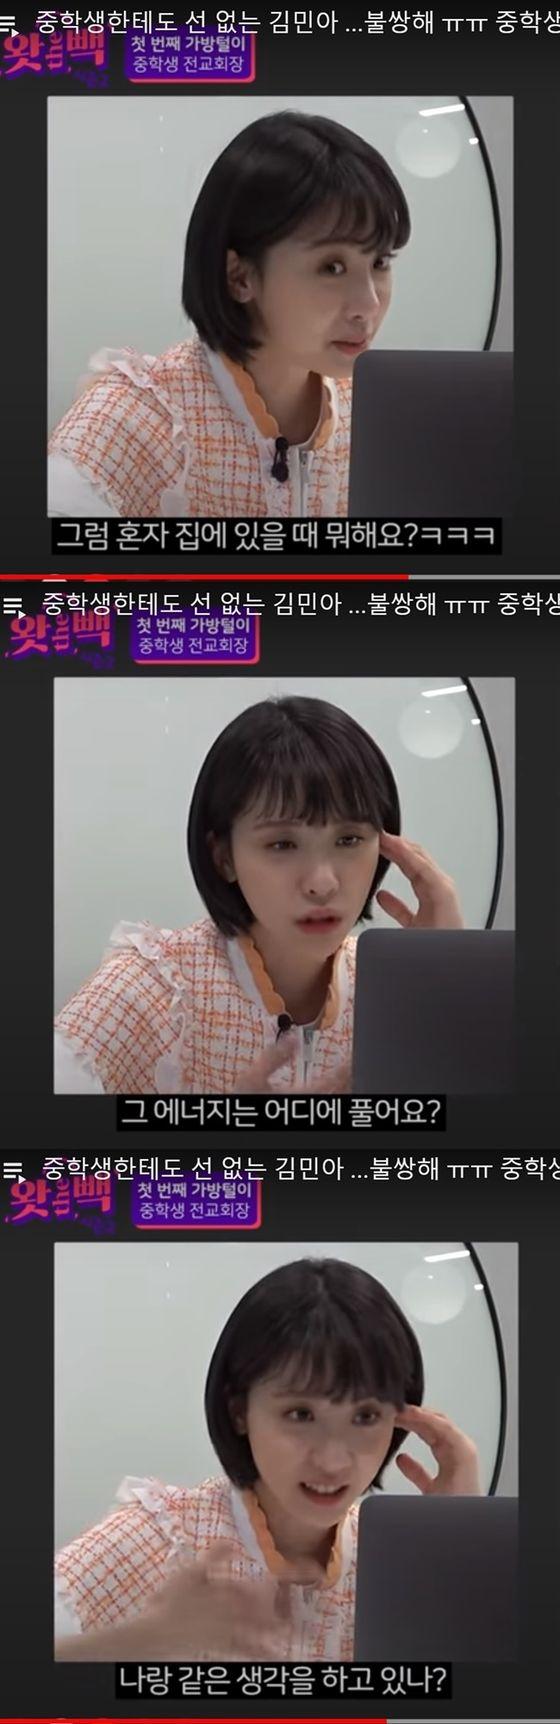 대한민국 정부 유튜브 채널에서 중학생에게 부적절한 질문을 하고 있는 방송인 김민아. 유튜브 캡처